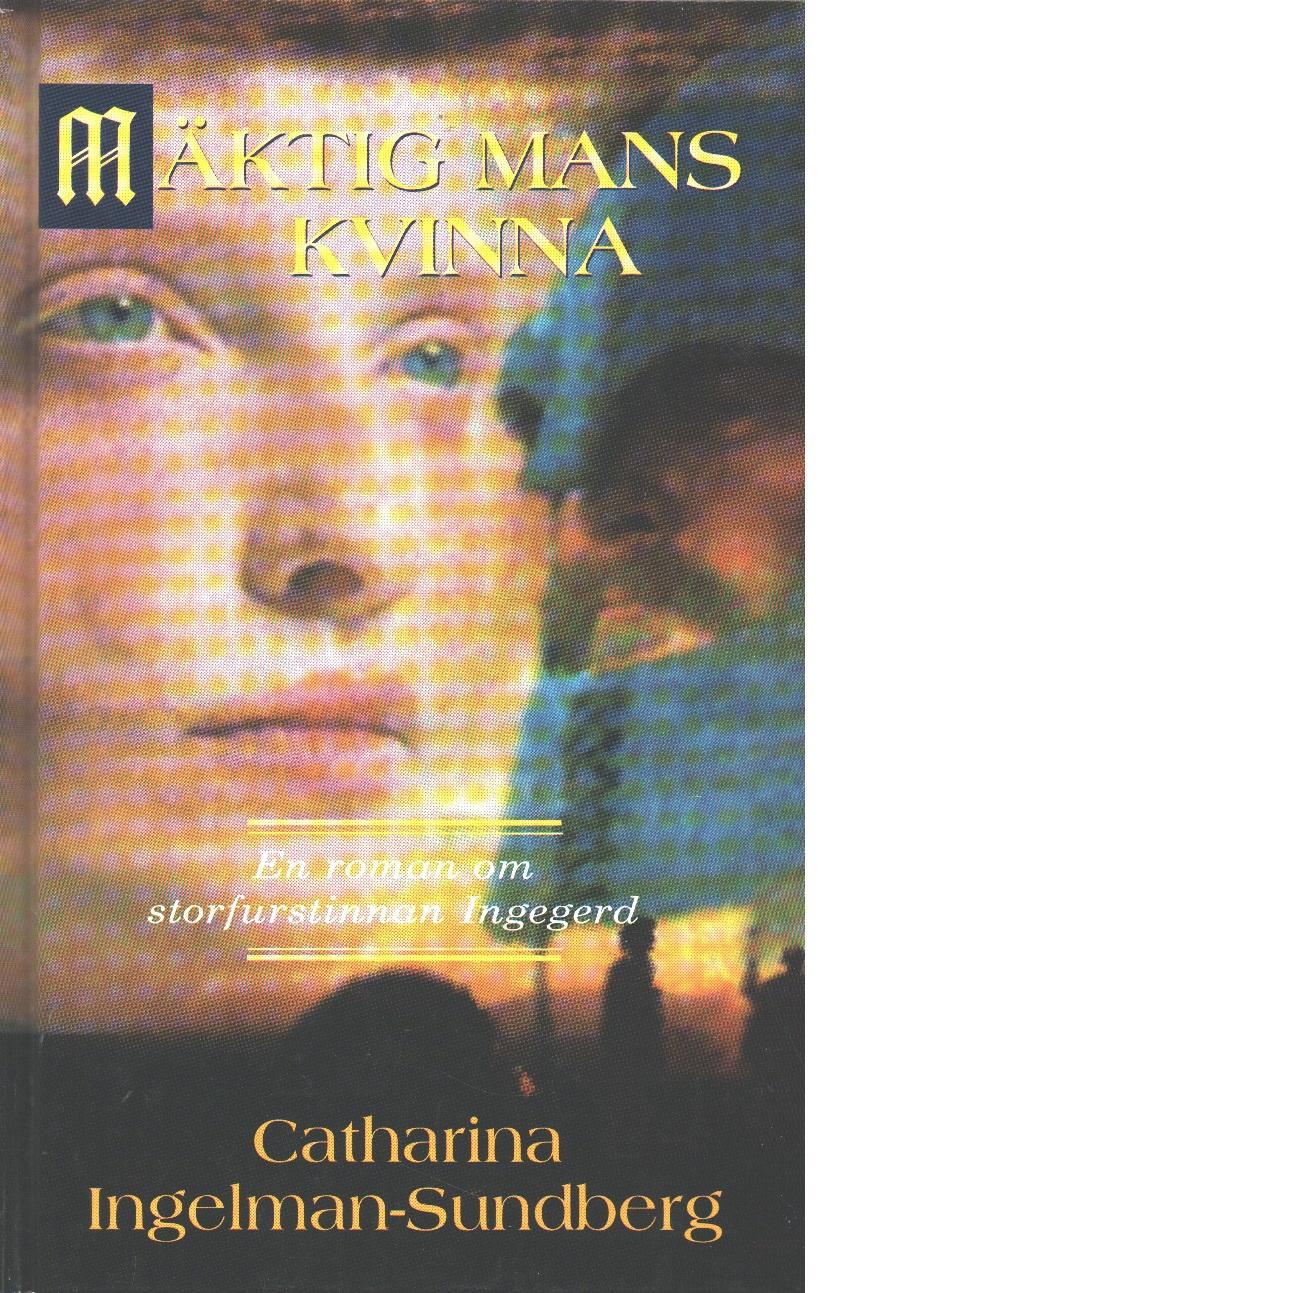 Mäktig mans kvinna : en roman om storfurstinnan Ingegerd - Ingelman-Sundberg, Catharina